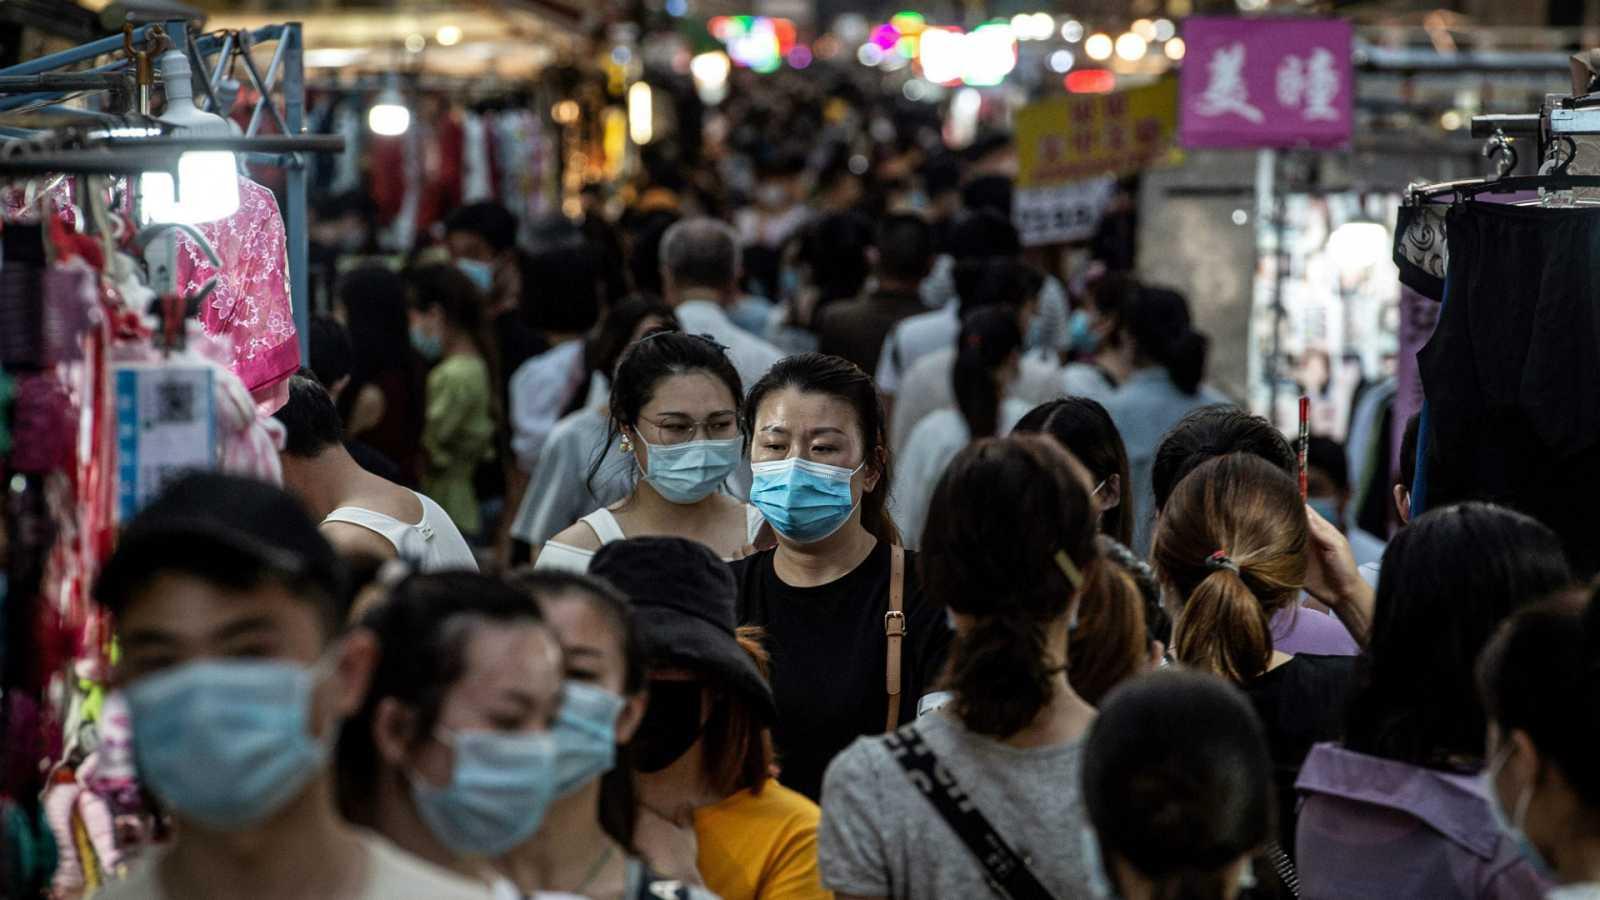 14 horas - Un estudio de Harvard apunta que la COVID-19 empezó a circular en agosto en China - Escuchar ahora